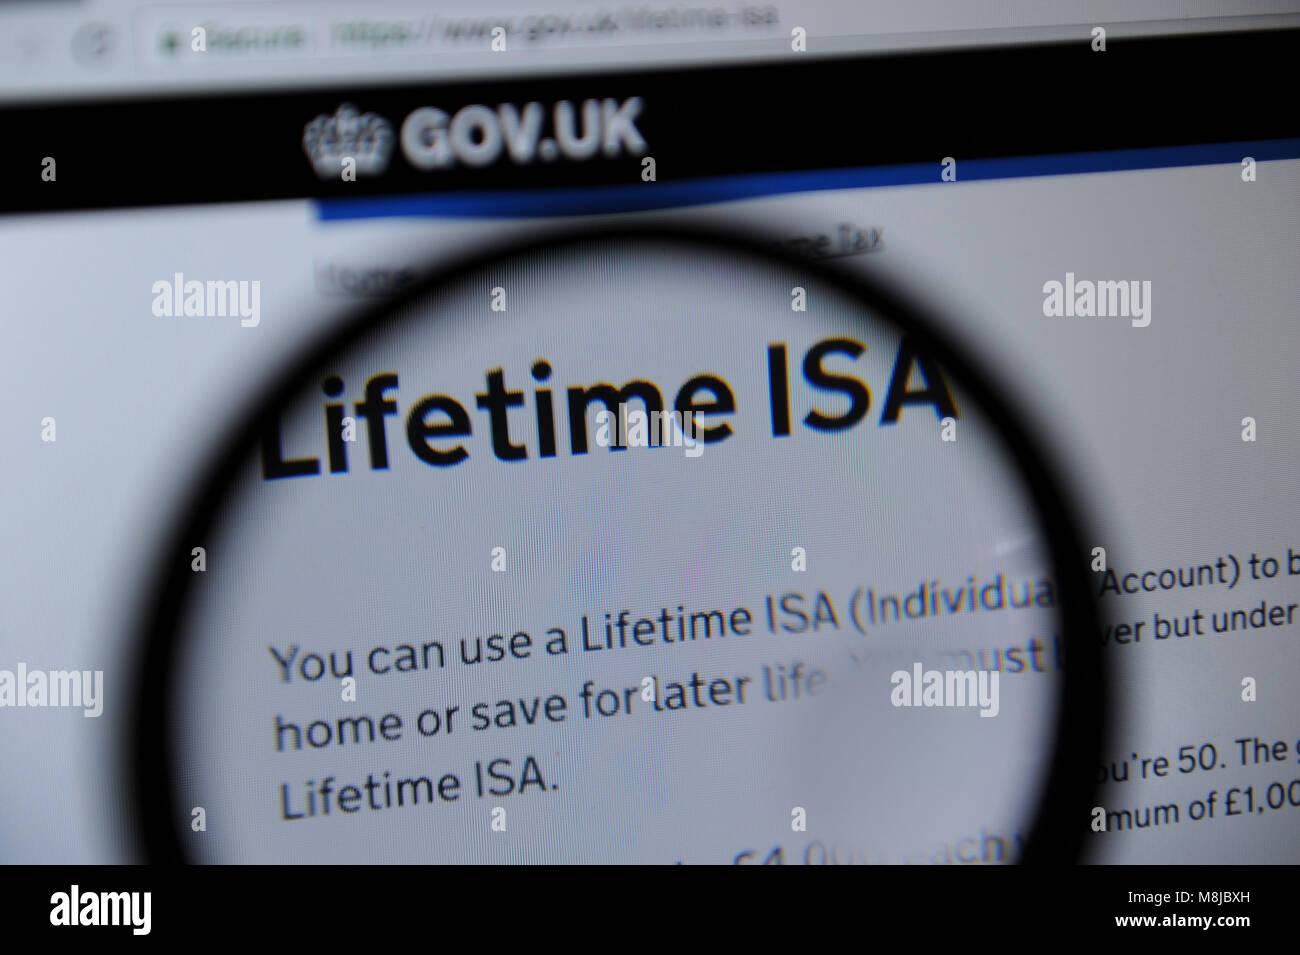 Vida ISA detalles sobre el sitio web del Gobierno de Reino Unido Imagen De Stock